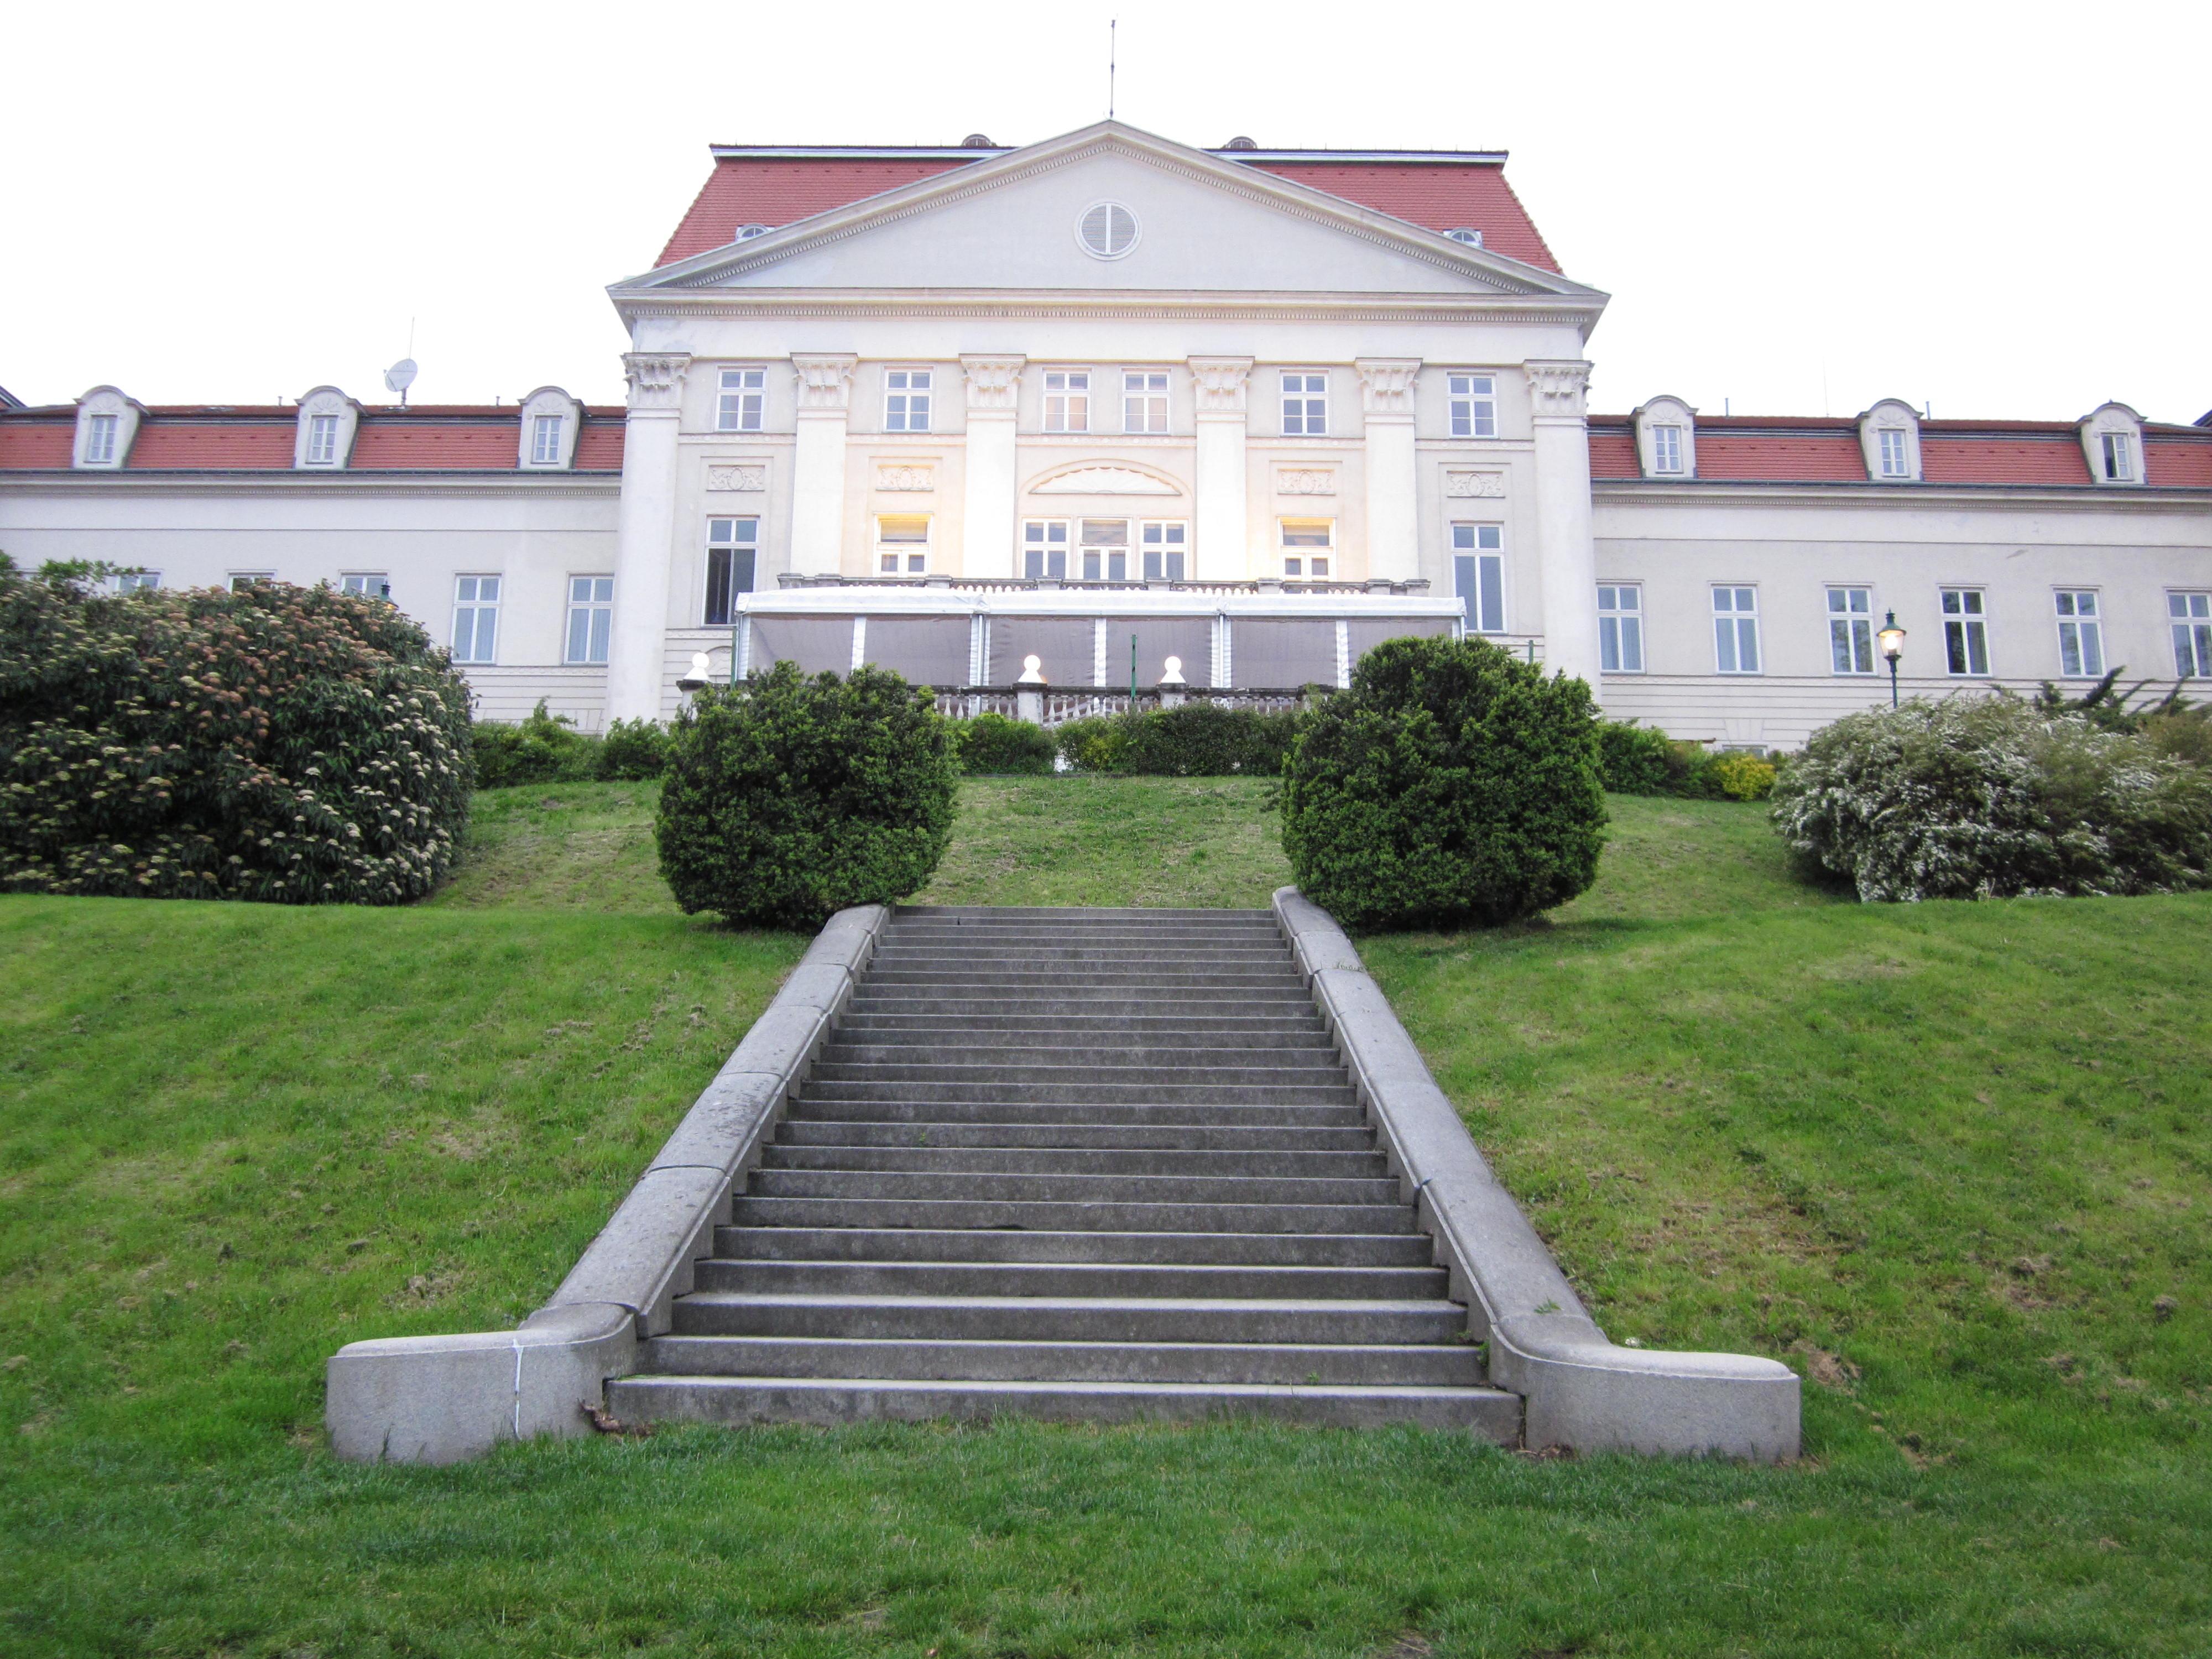 wien schloss wilhelminenberg austria trend hotel treppe österreich jean above the clouds